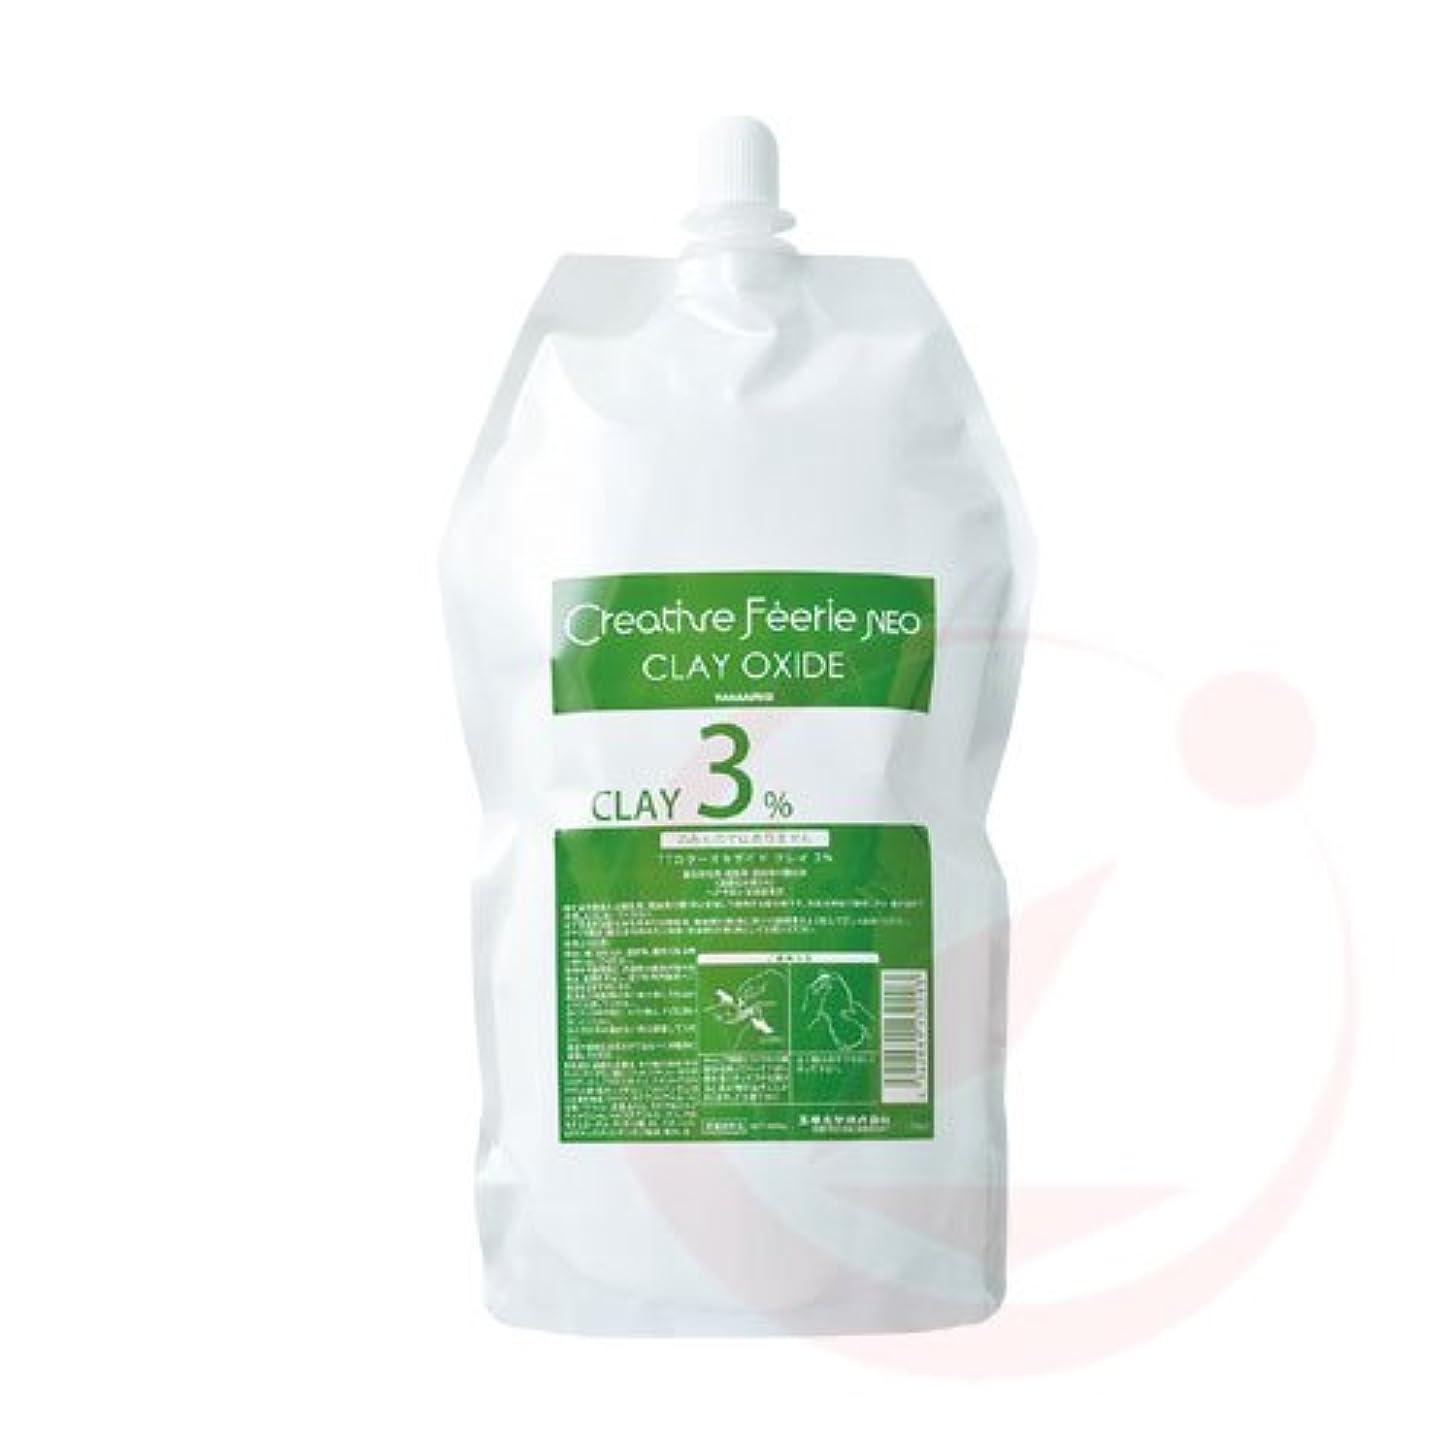 媒染剤キャビンマージタマリス クリエイティブフェリエ ネオ クレイオキサイド 1000g(業務?詰替用) 6%*